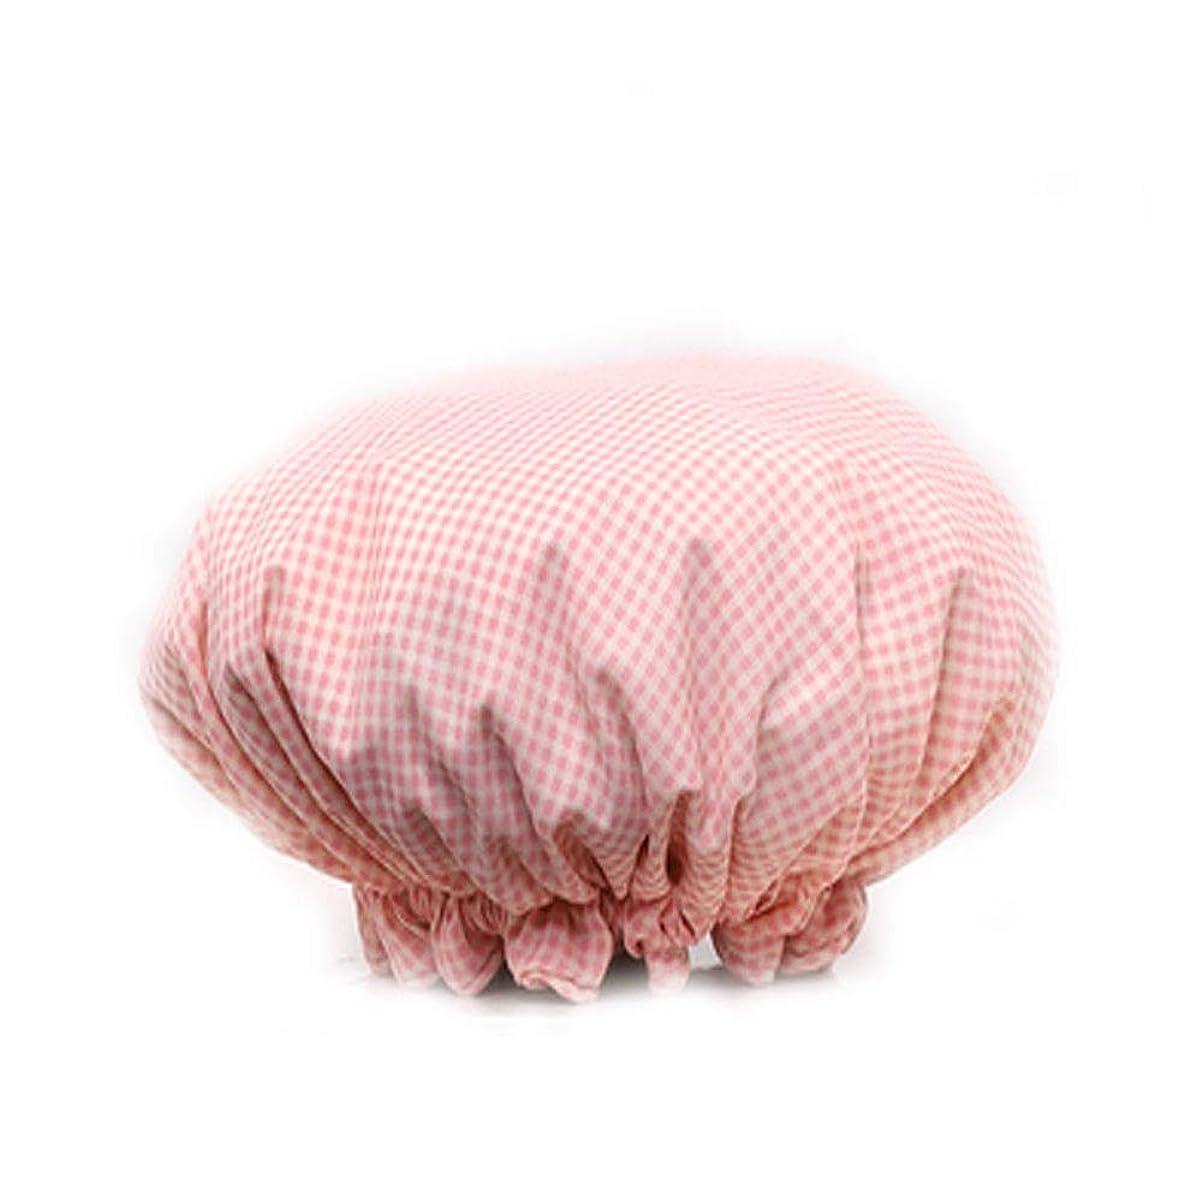 ポスター南方の脅かすJINSHANDIANLIAO シャワーキャップ厚い布二重層女性大人防水入浴キャップシャンプーキャップキッチン防煙シャワーキャップ (Color : 6)